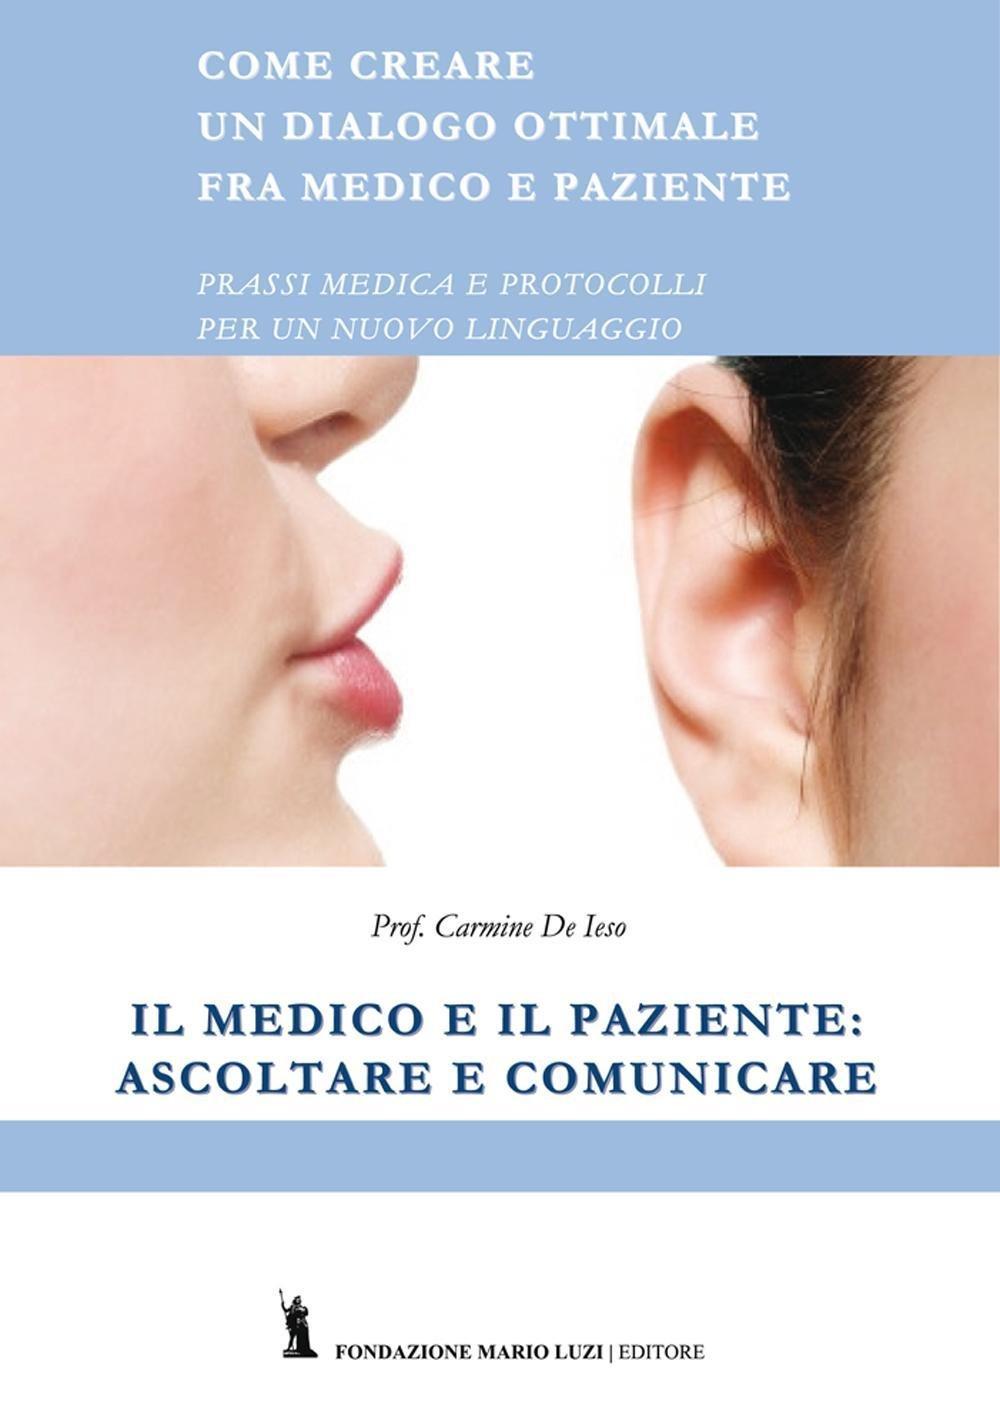 Il medico e il paziente: ascoltare e comunicare